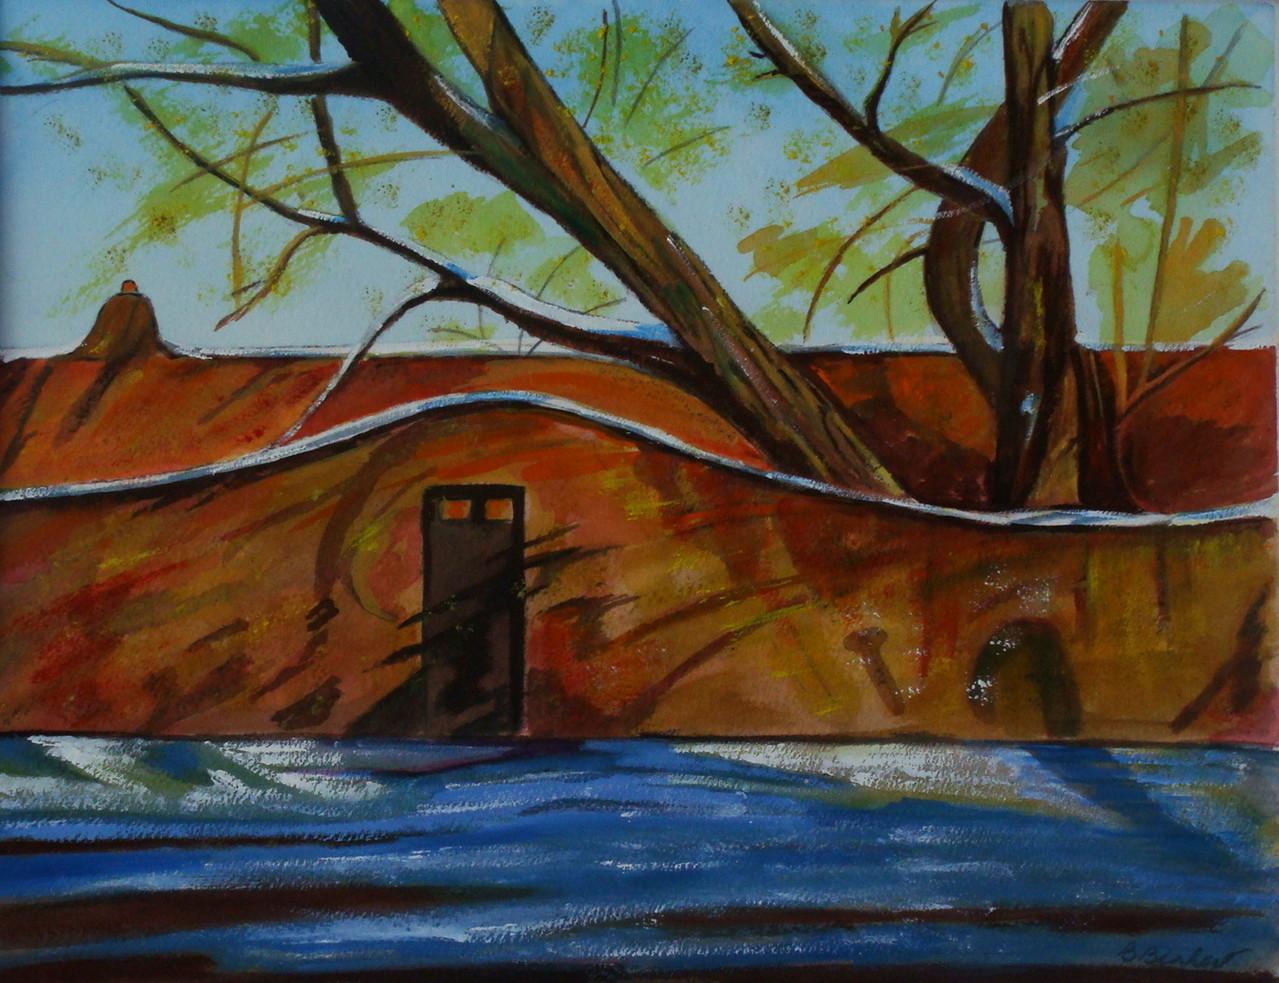 Garden Wall, watercolor, 13.5 x 10.5, 2013